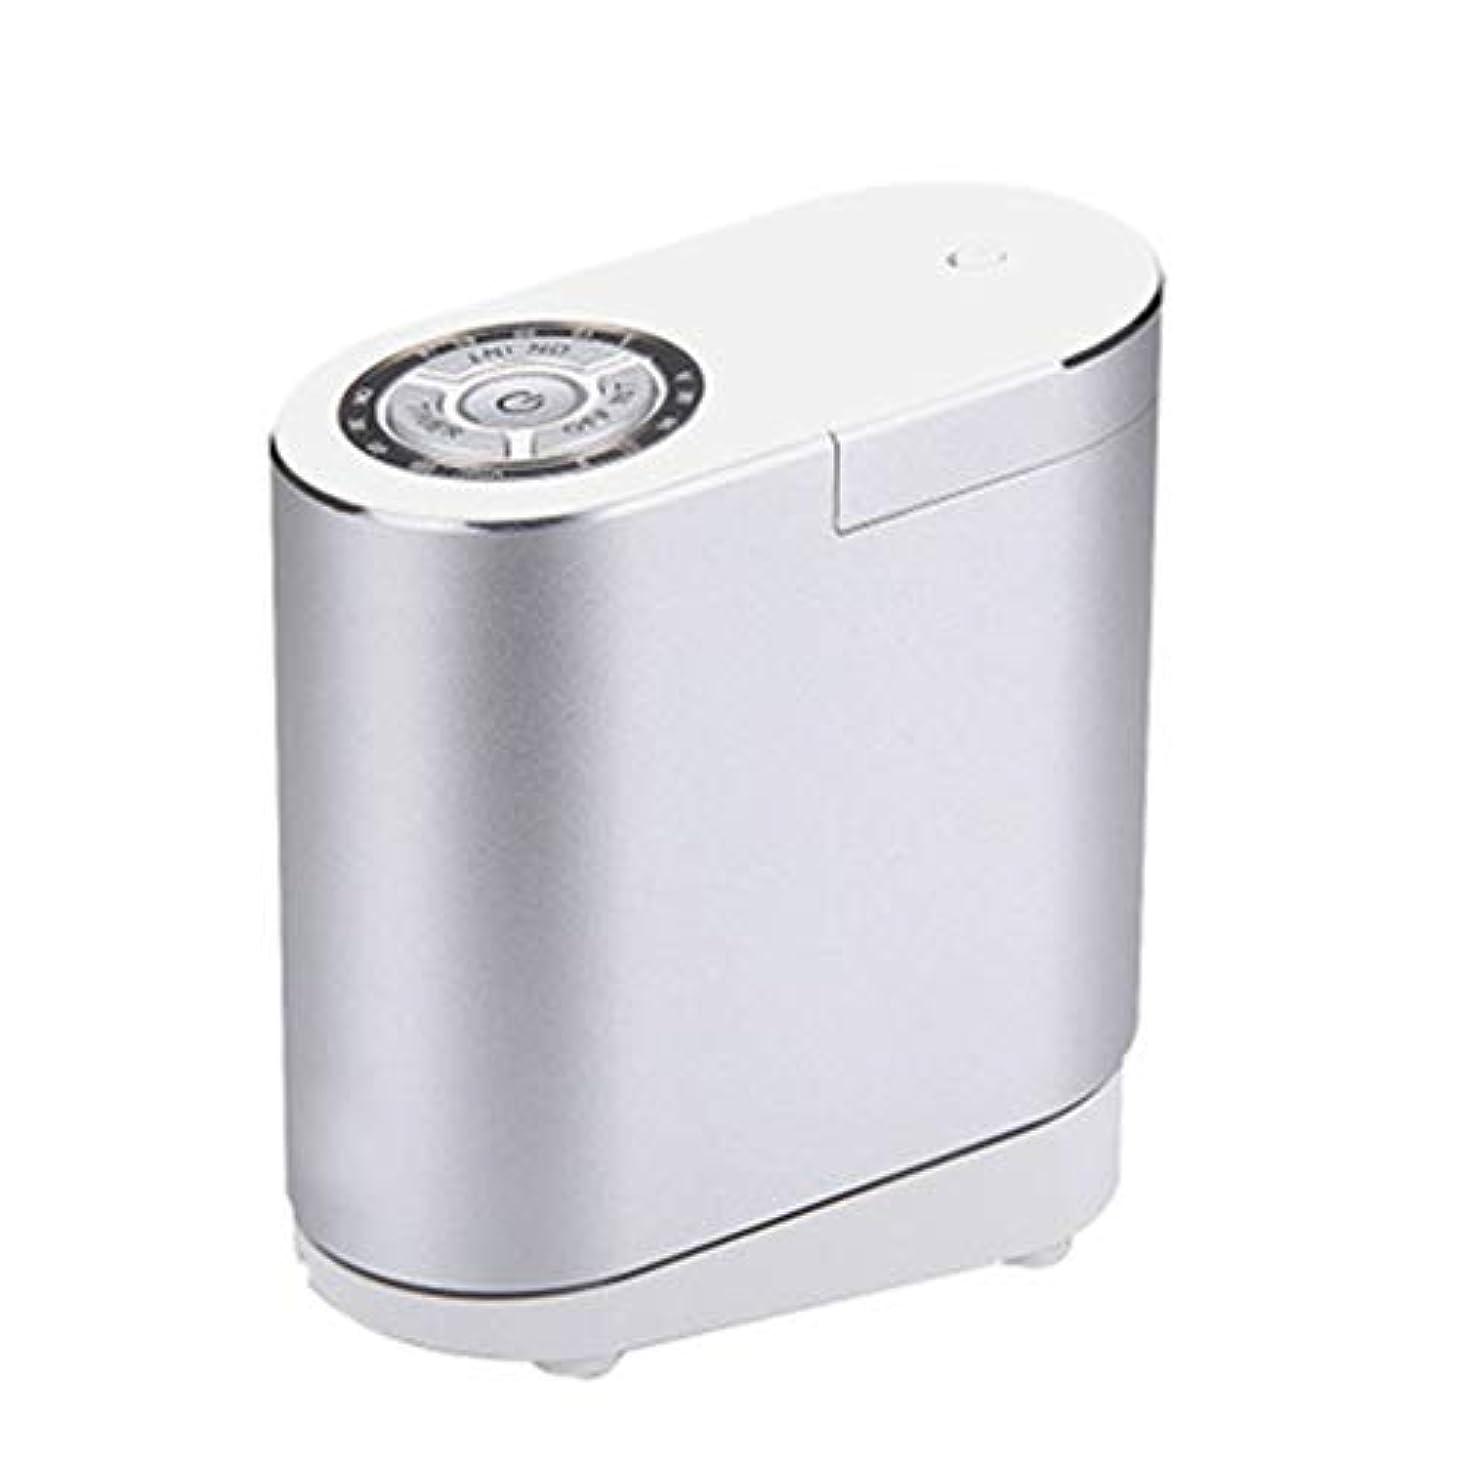 非互換下向き摂氏度クールミスト空気加湿器、30ミリリットルディフューザーエアコン、4Sショップのリビングルームの研究寝室のオフィスに適して (Color : Silver)